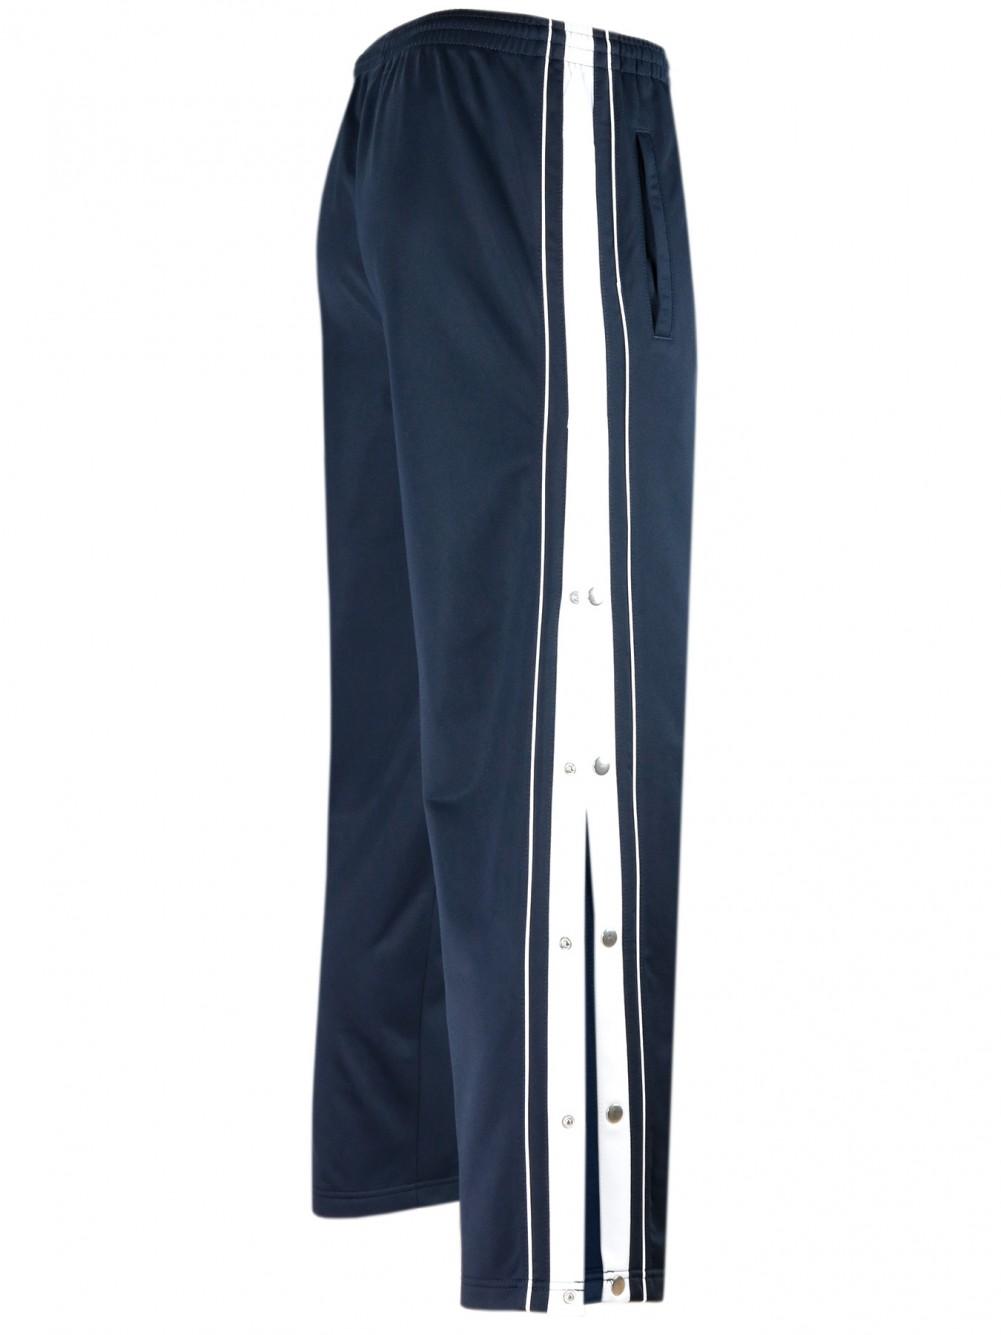 Herren Sporthose mit Seitenknopfleiste - Navy/Seitenansicht